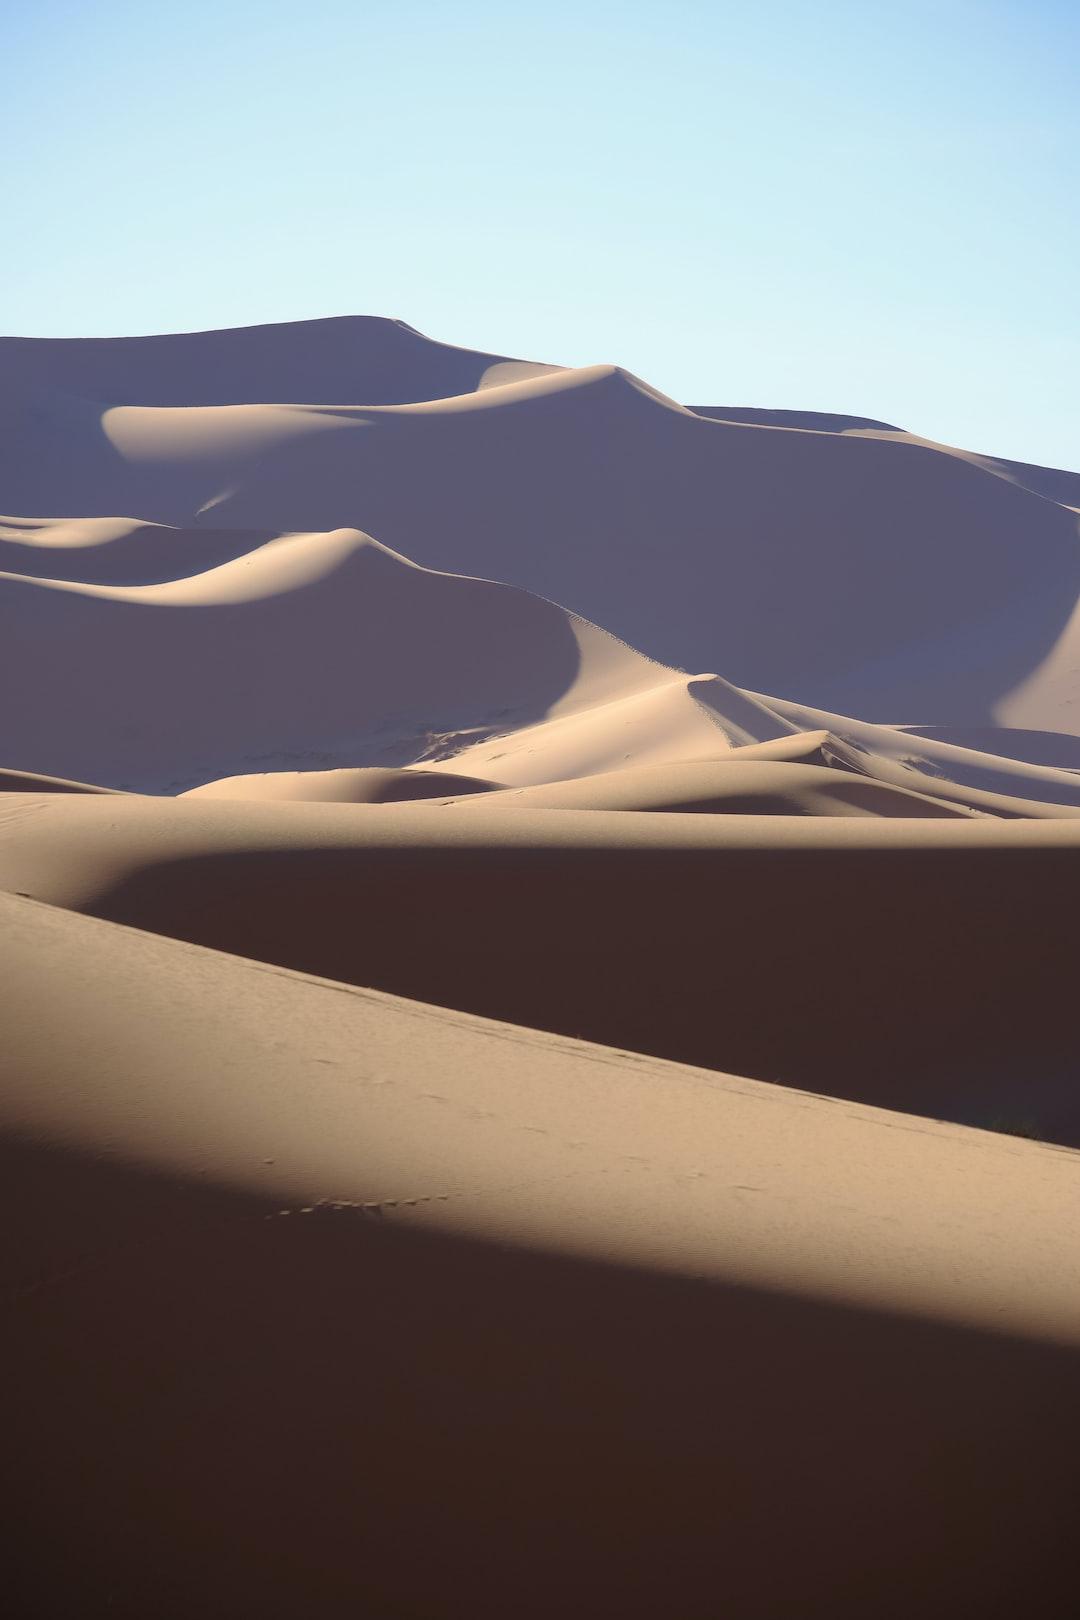 This was taken during a trip to Merzouga, Morocco.